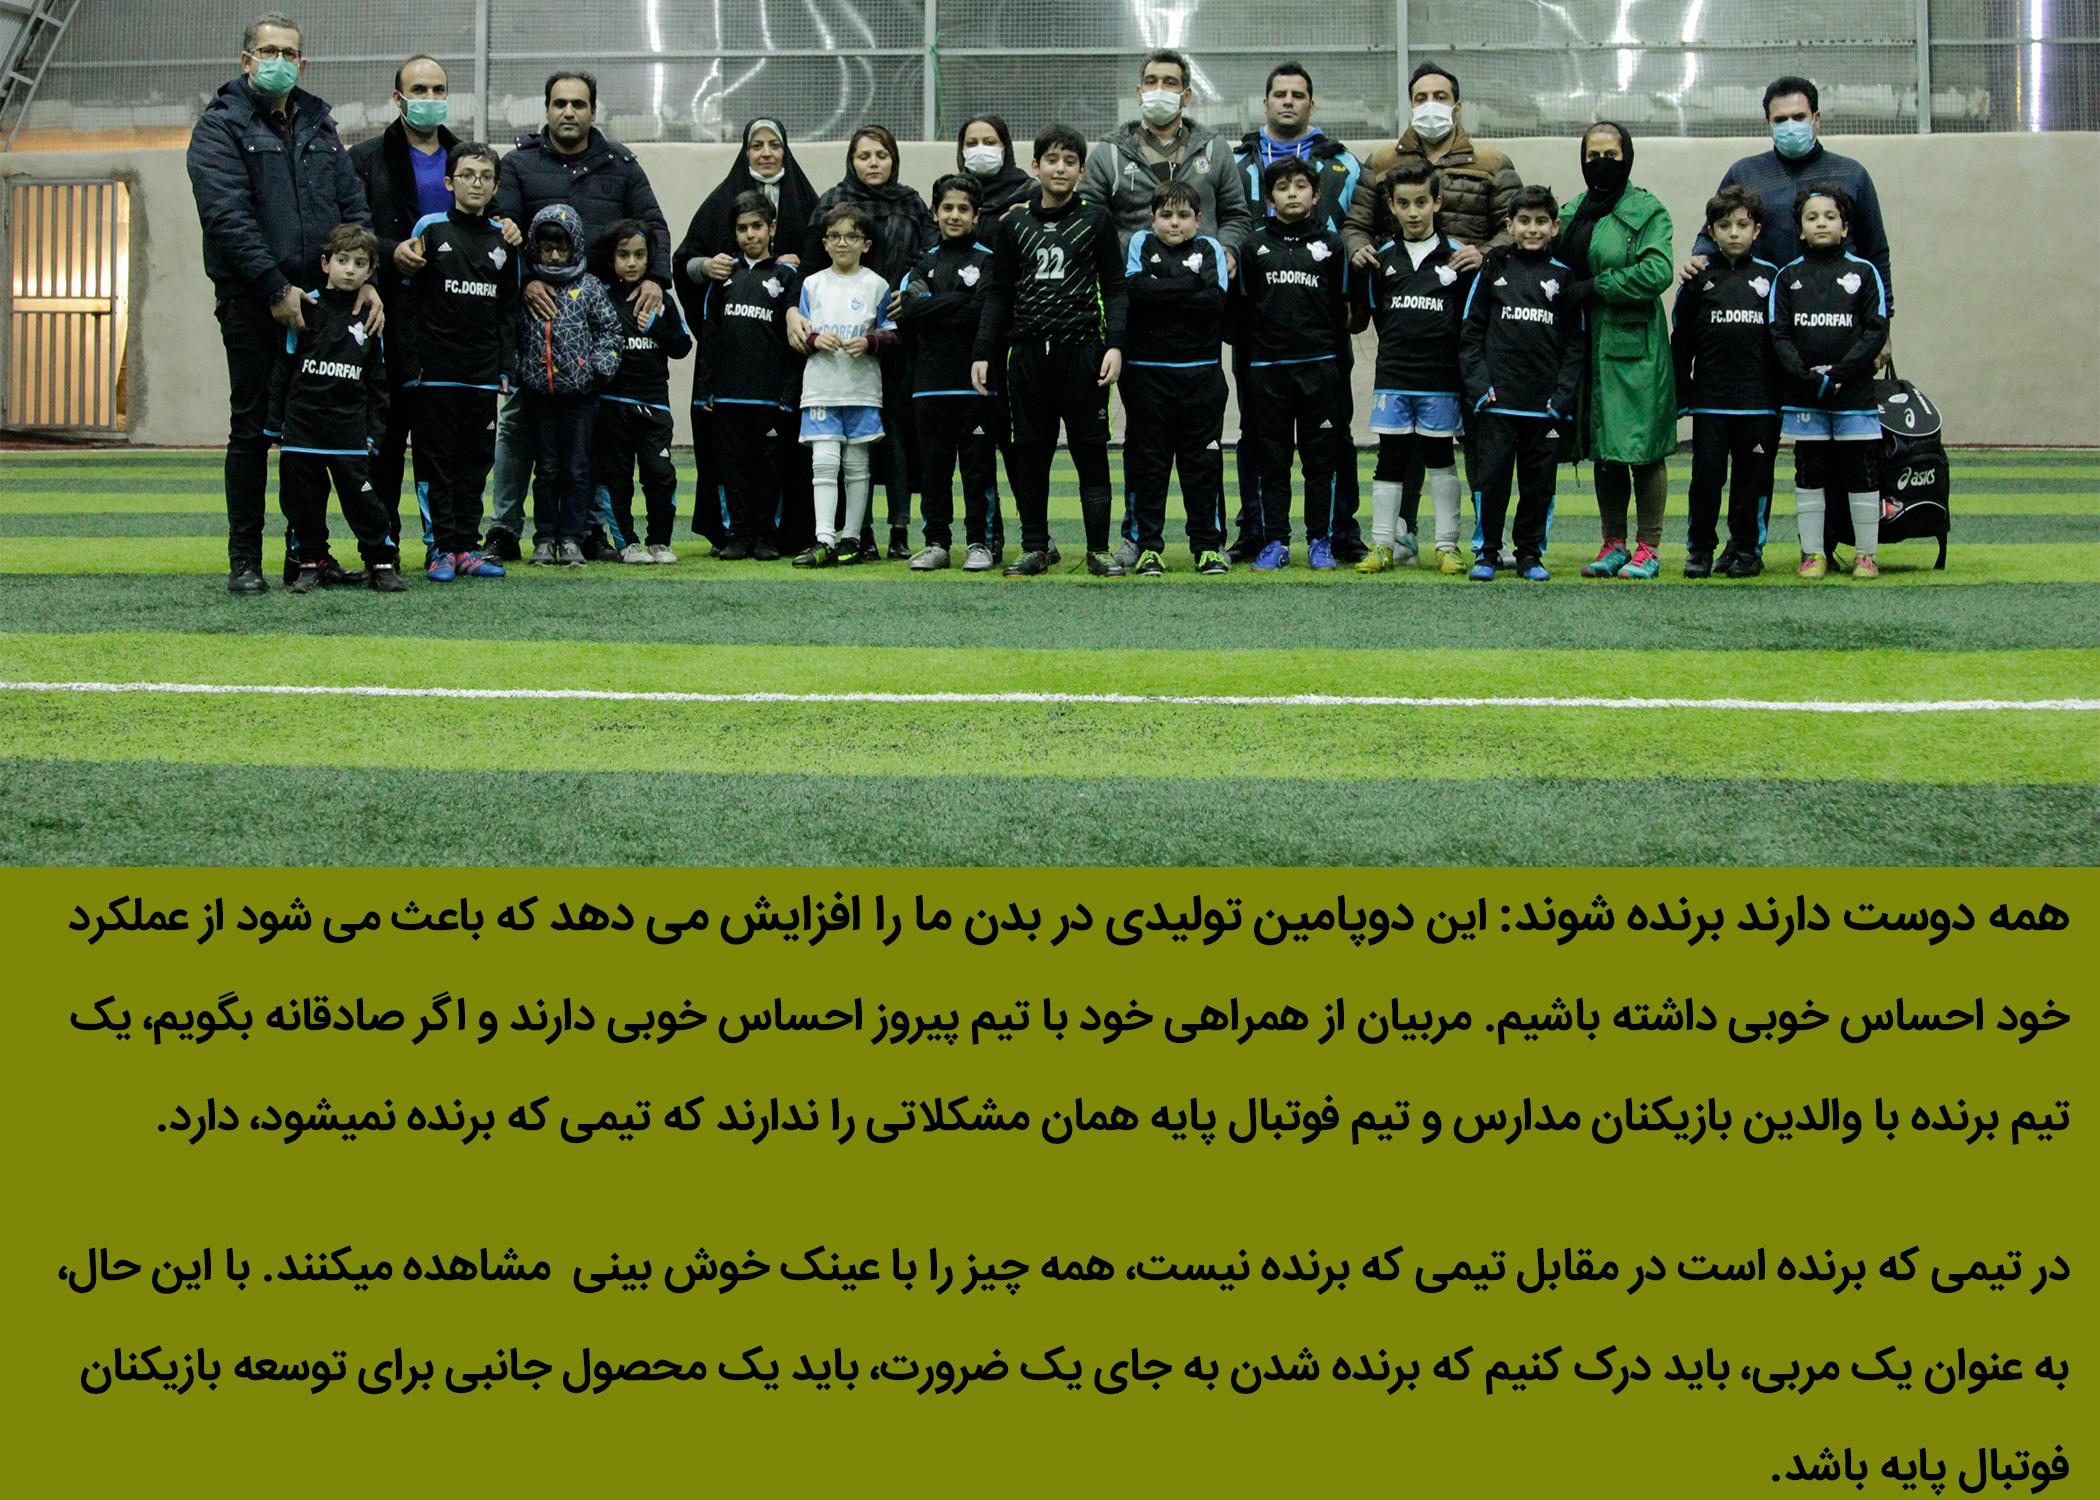 باشگاه و مدرسه فوتبال درفک البرز FCDORFAK